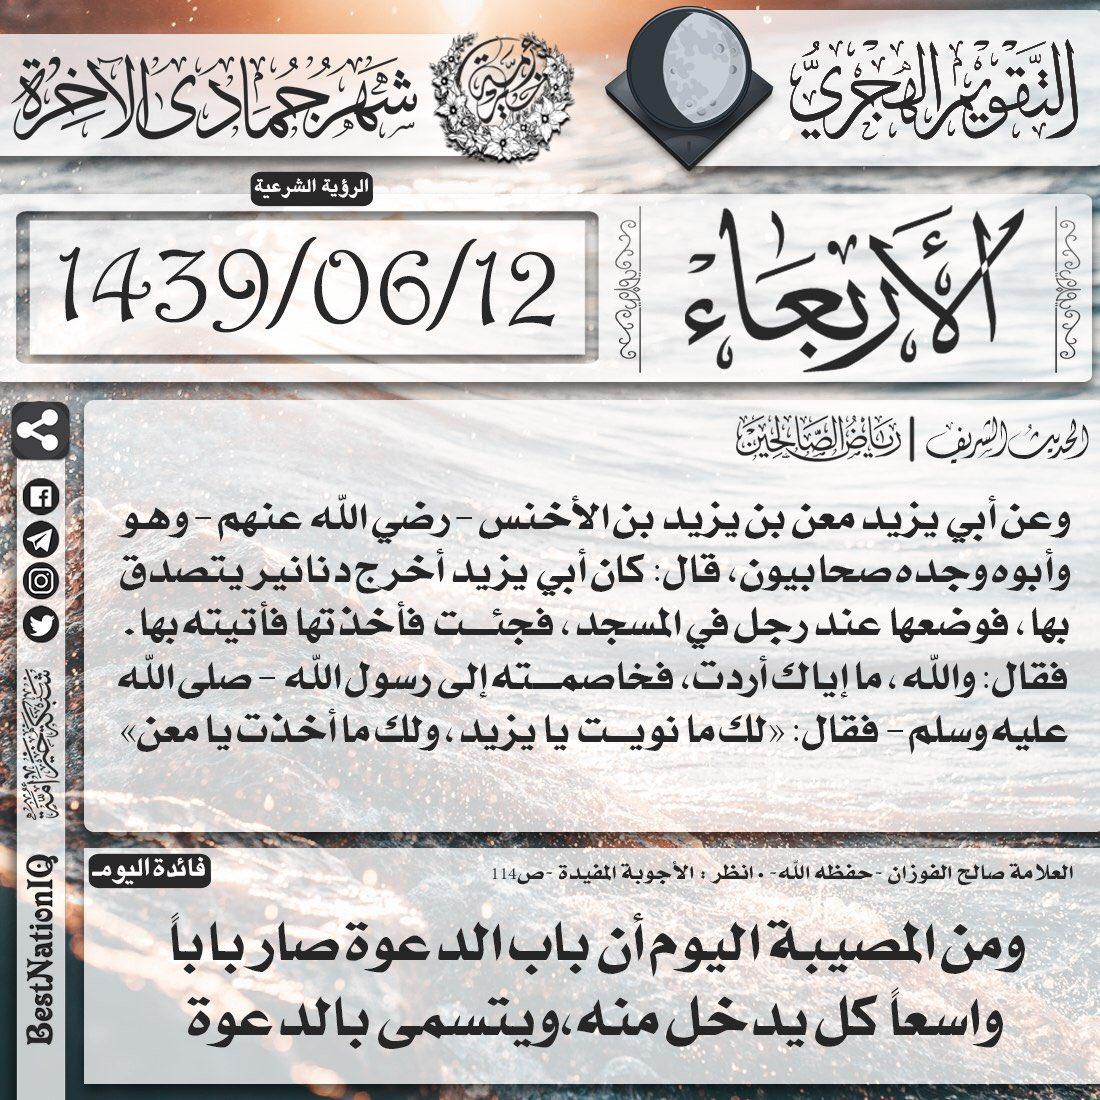 84c102fc7 3l 73ne8... (@al_haneq)   Twitter